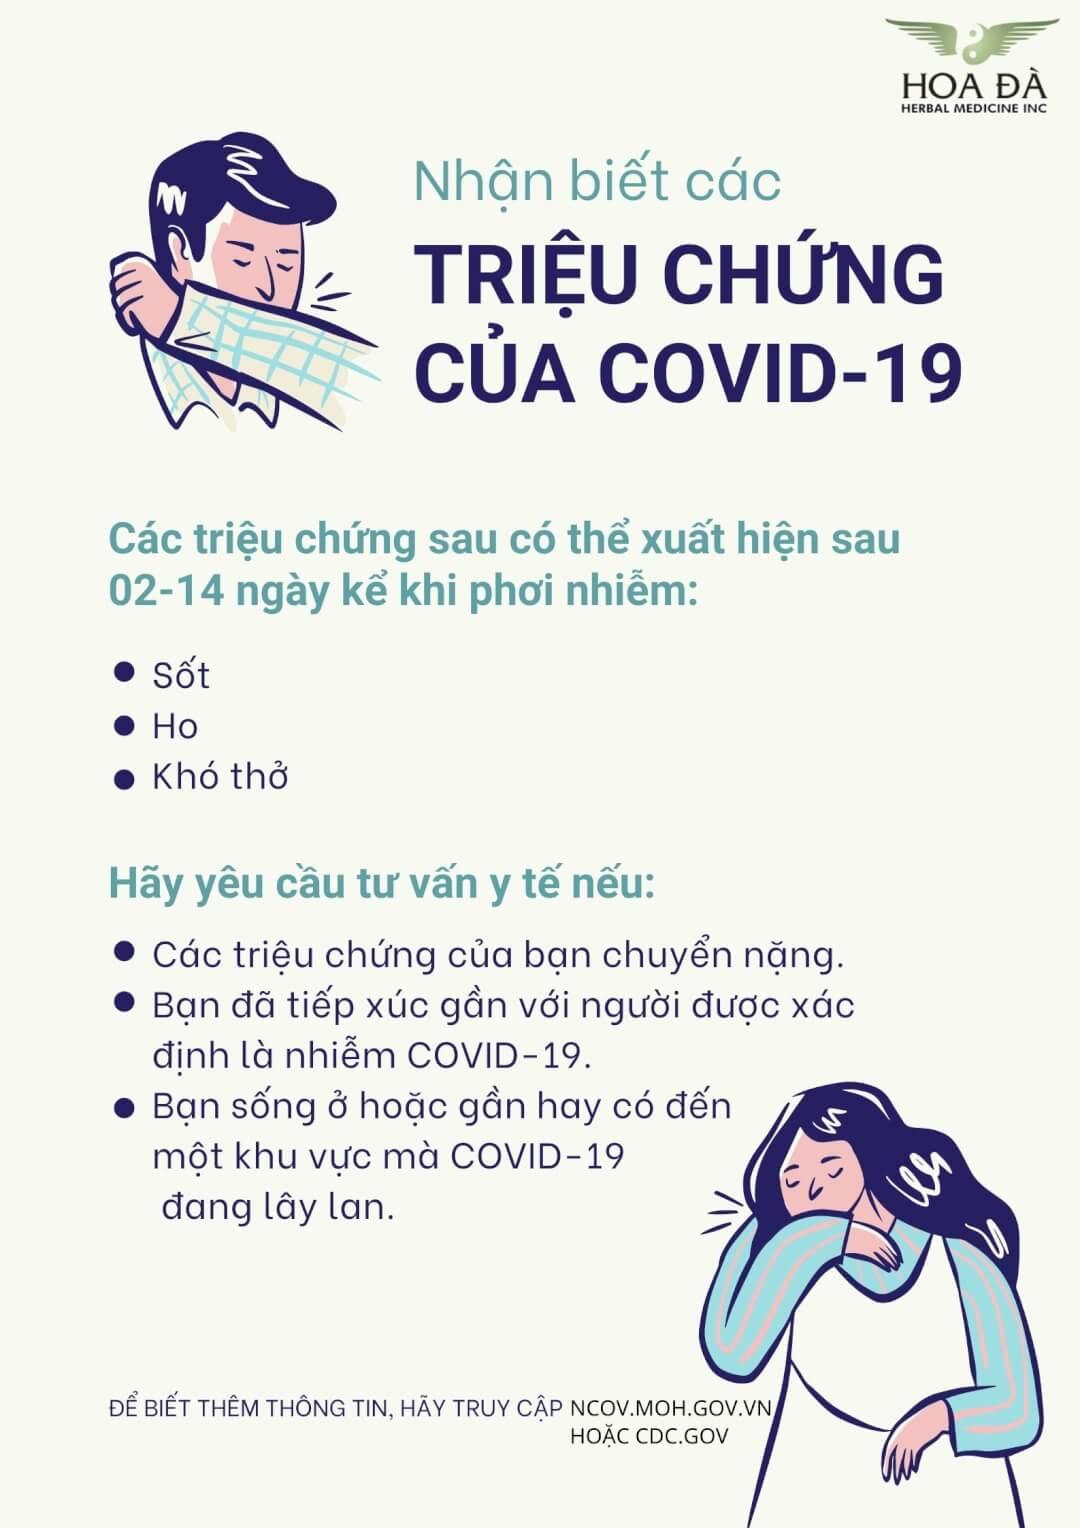 Làm gì khi điều trị Covid tại nhà? Thông tin bổ ích từ nhà thuốc Hoa Đà Houston, Mỹ